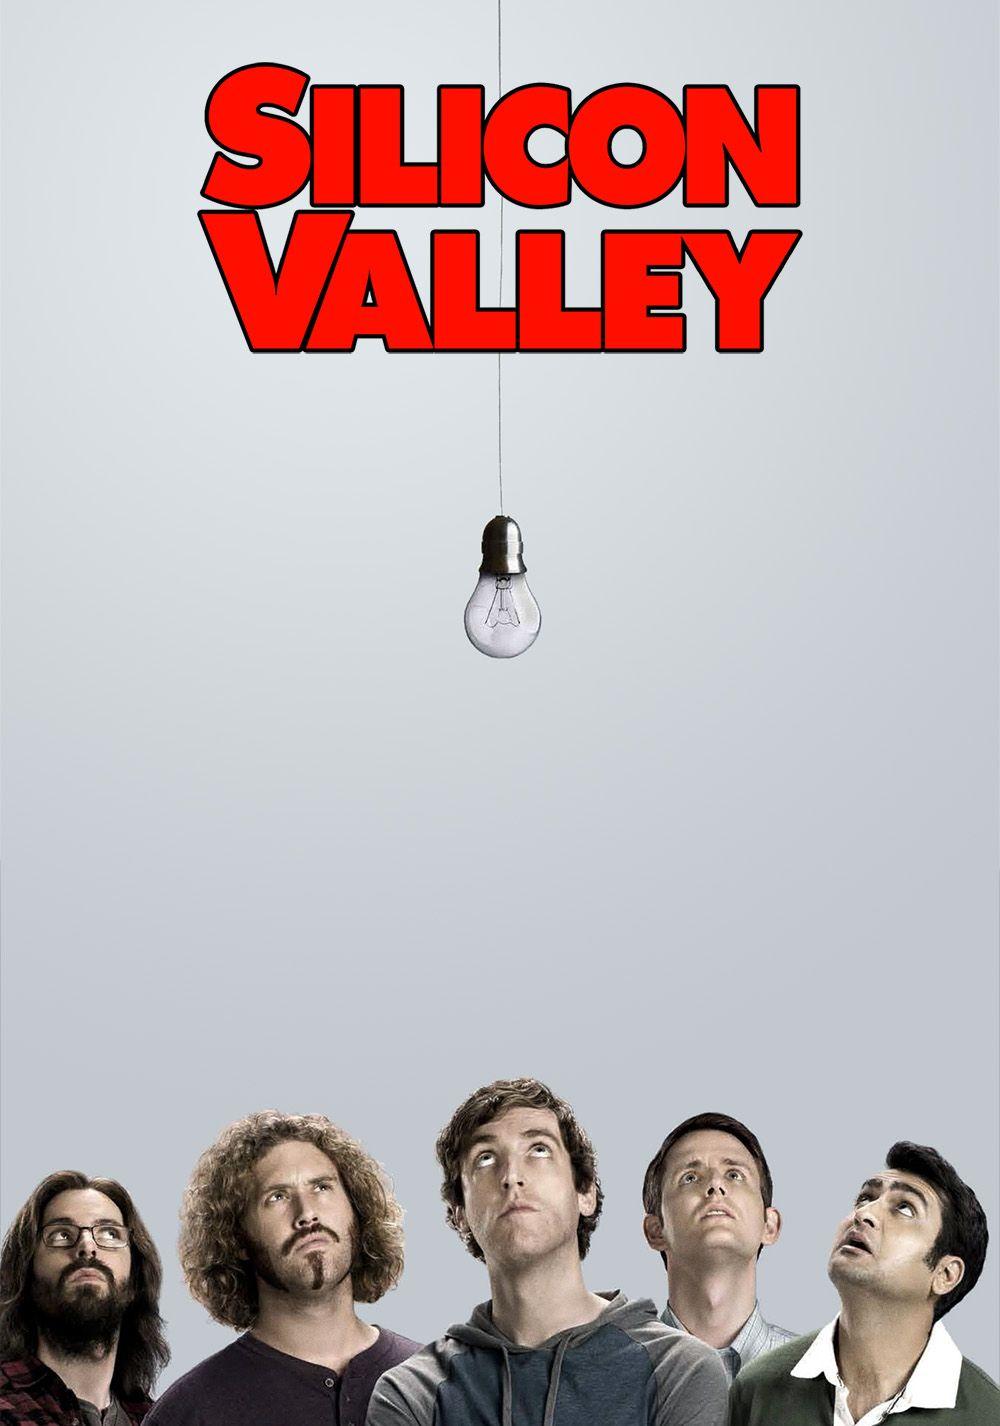 Asma Felt Box: Silicon Valley | Silicon valley quote, Silicon valley, Silicon valley hbo